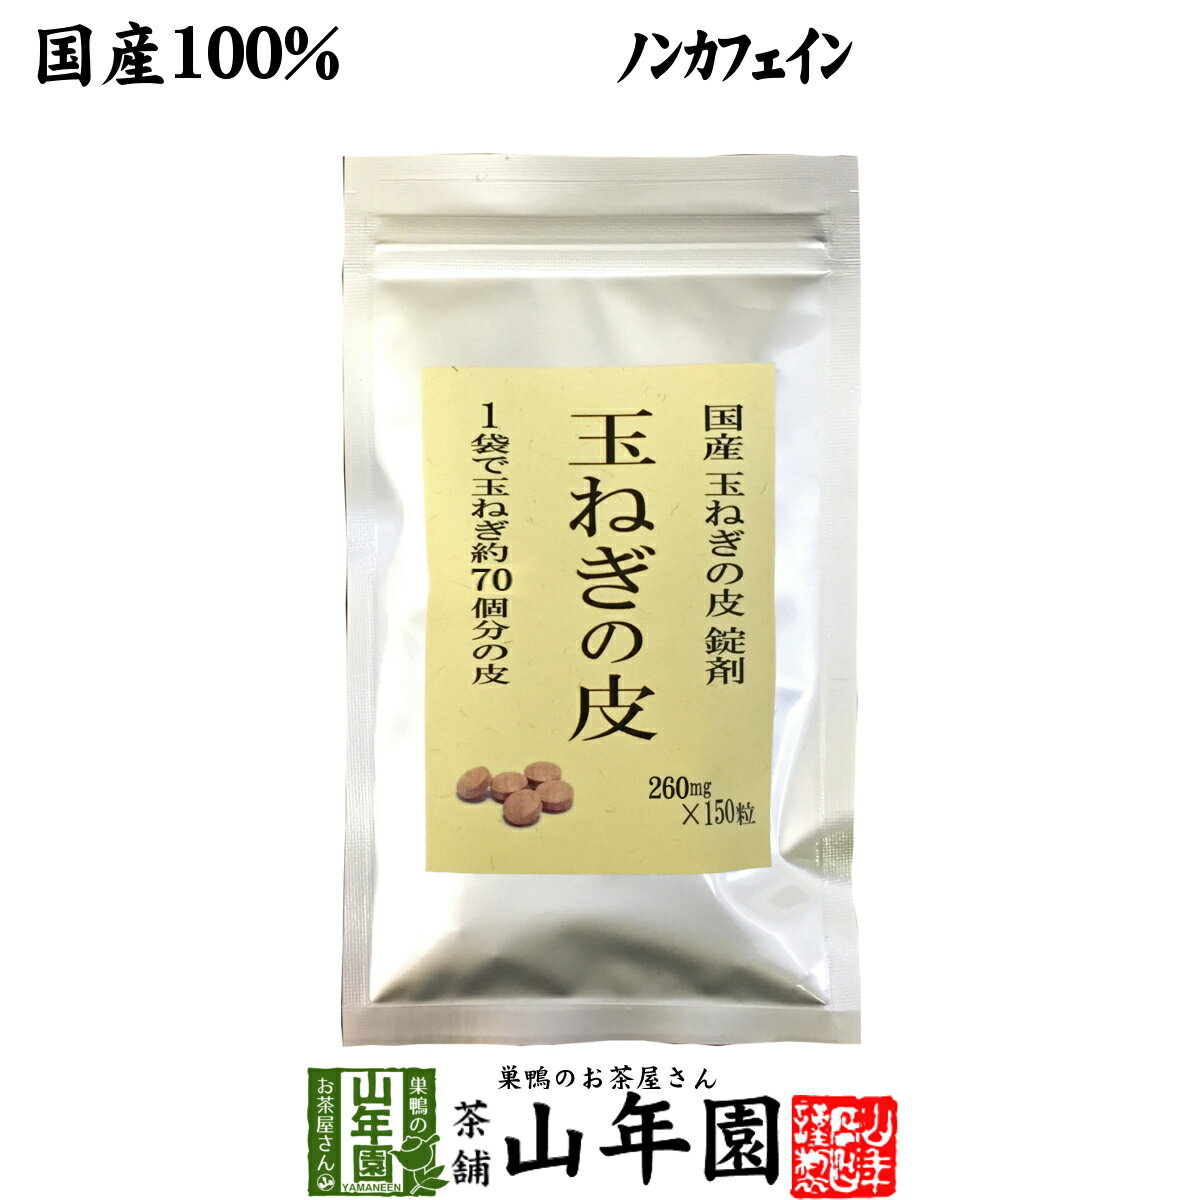 国産100%玉ねぎの皮サプリメント300mg×150粒錠剤タイプノンカフェイン送料無料北海道産淡路島